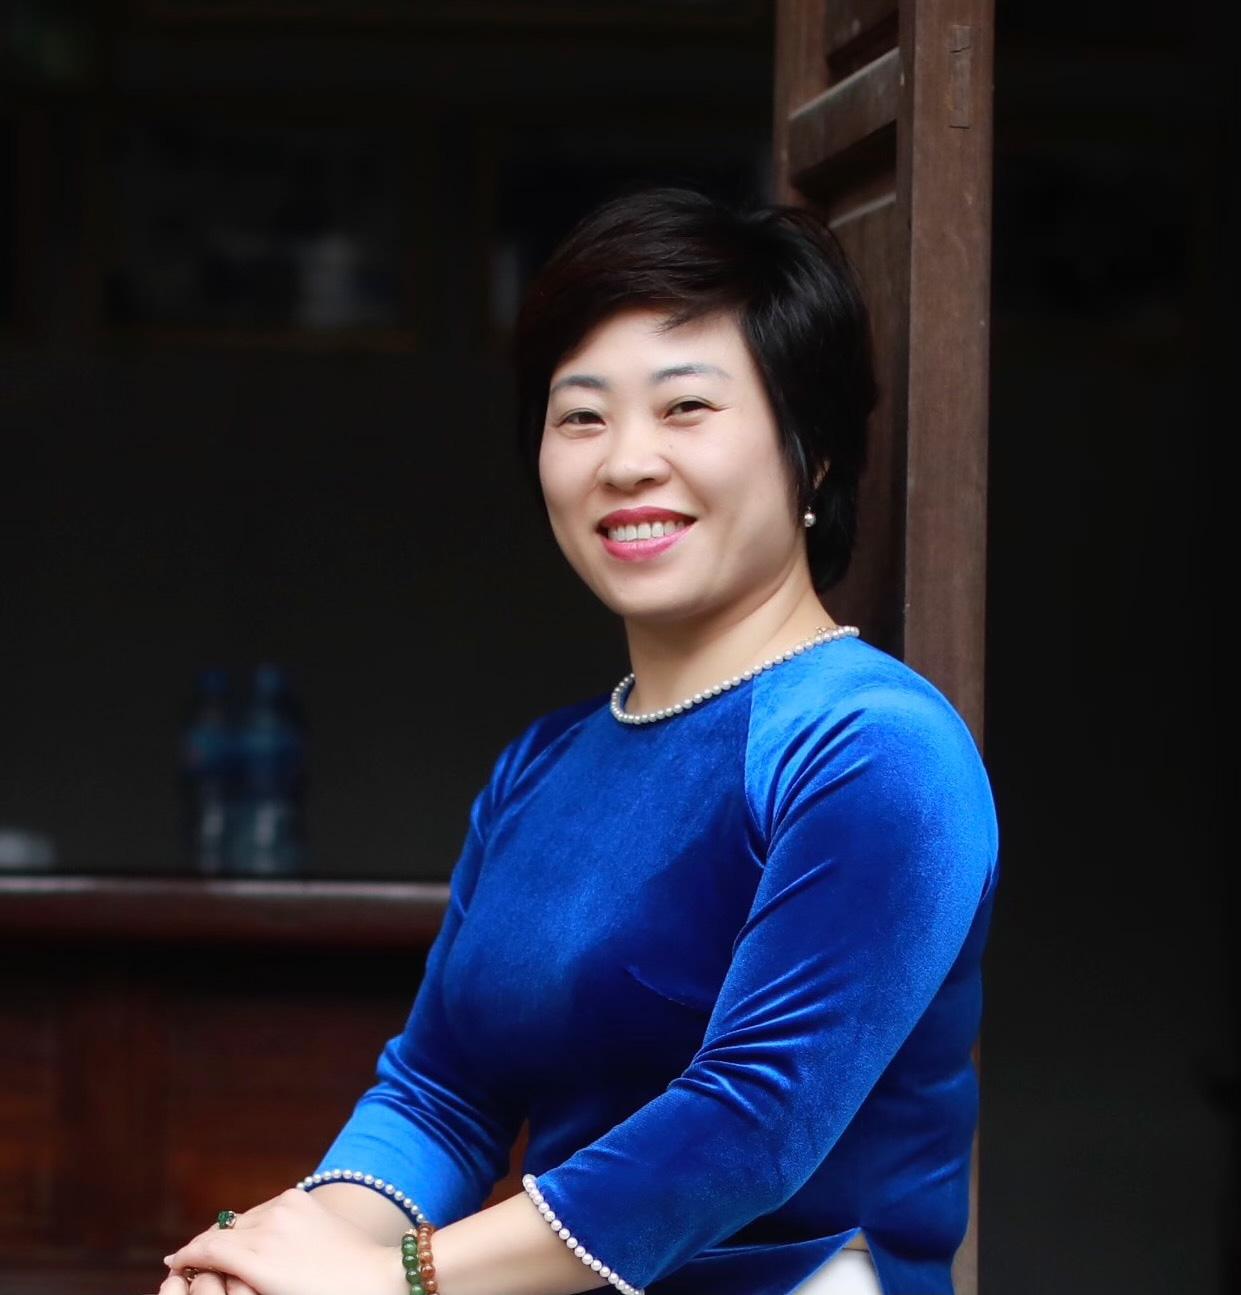 Tuần phim Hoạt hình Việt trên VTVGo: Món quà cho các em bé giữa mùa dịch - Ảnh 2.